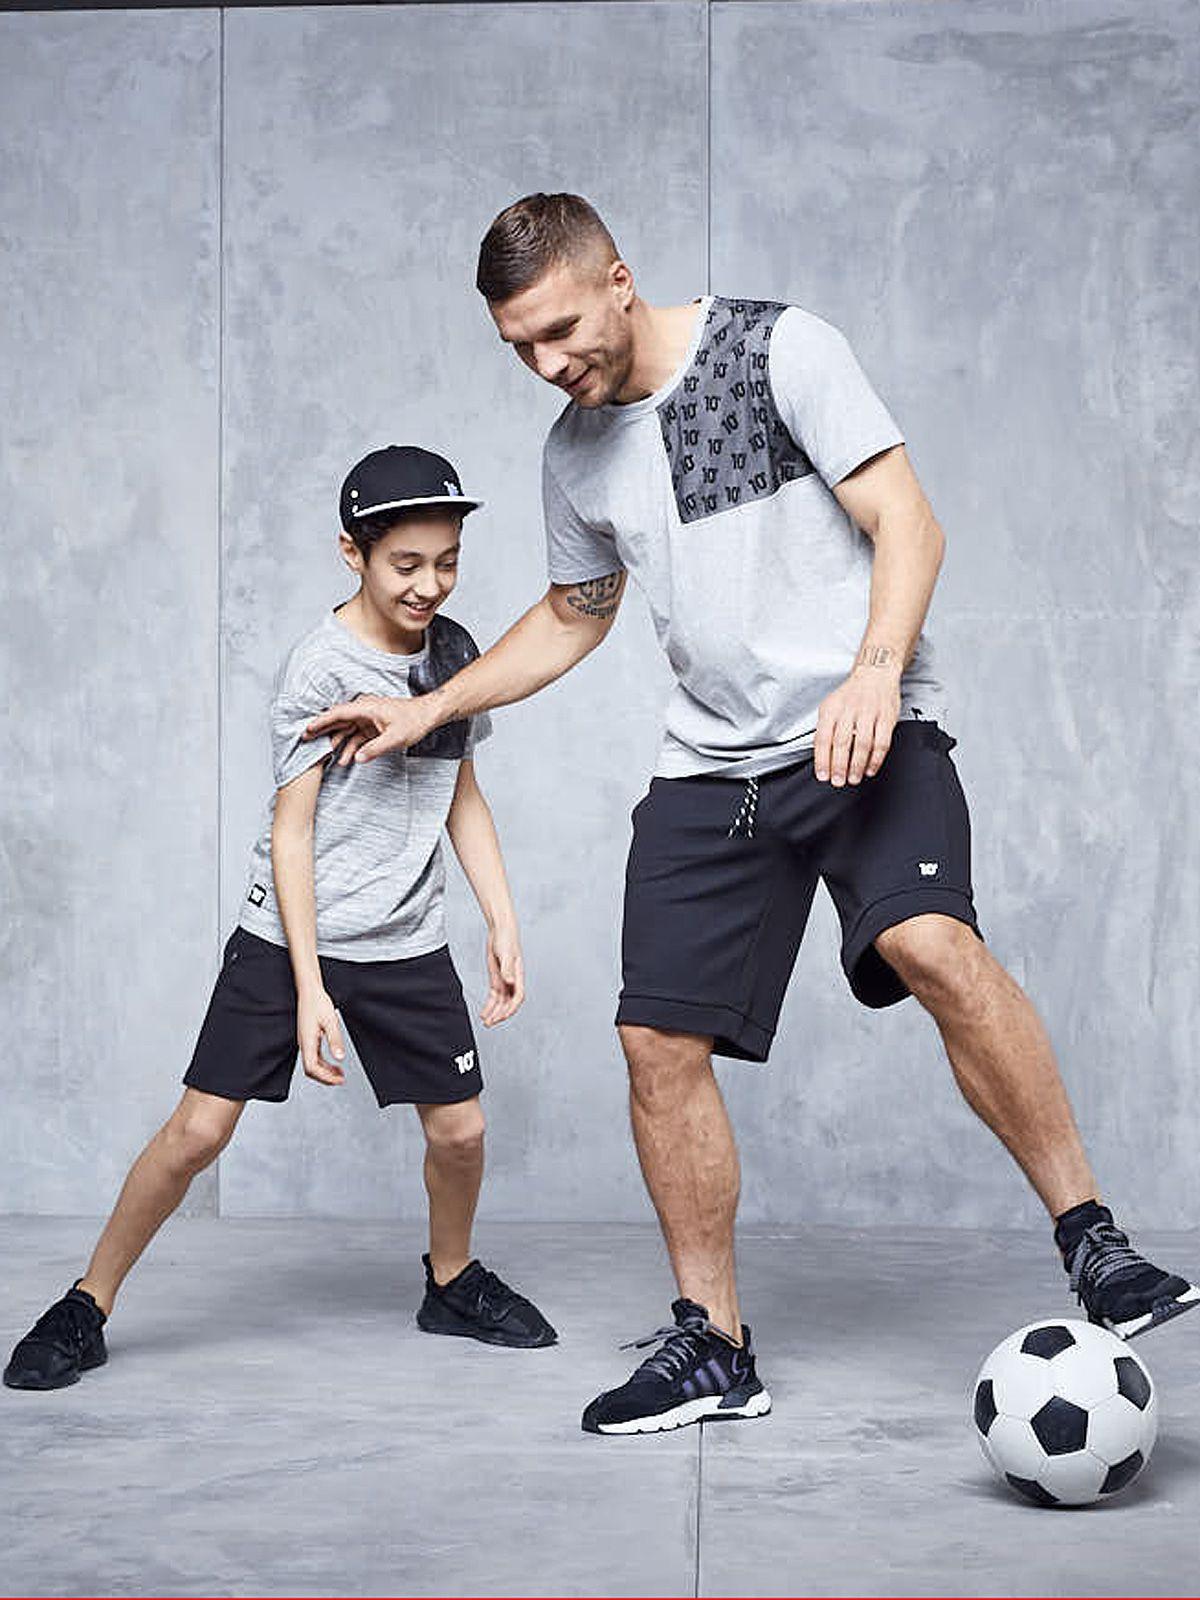 Lukas Podolski mit neuer Kollektion für große und kleine Kicker